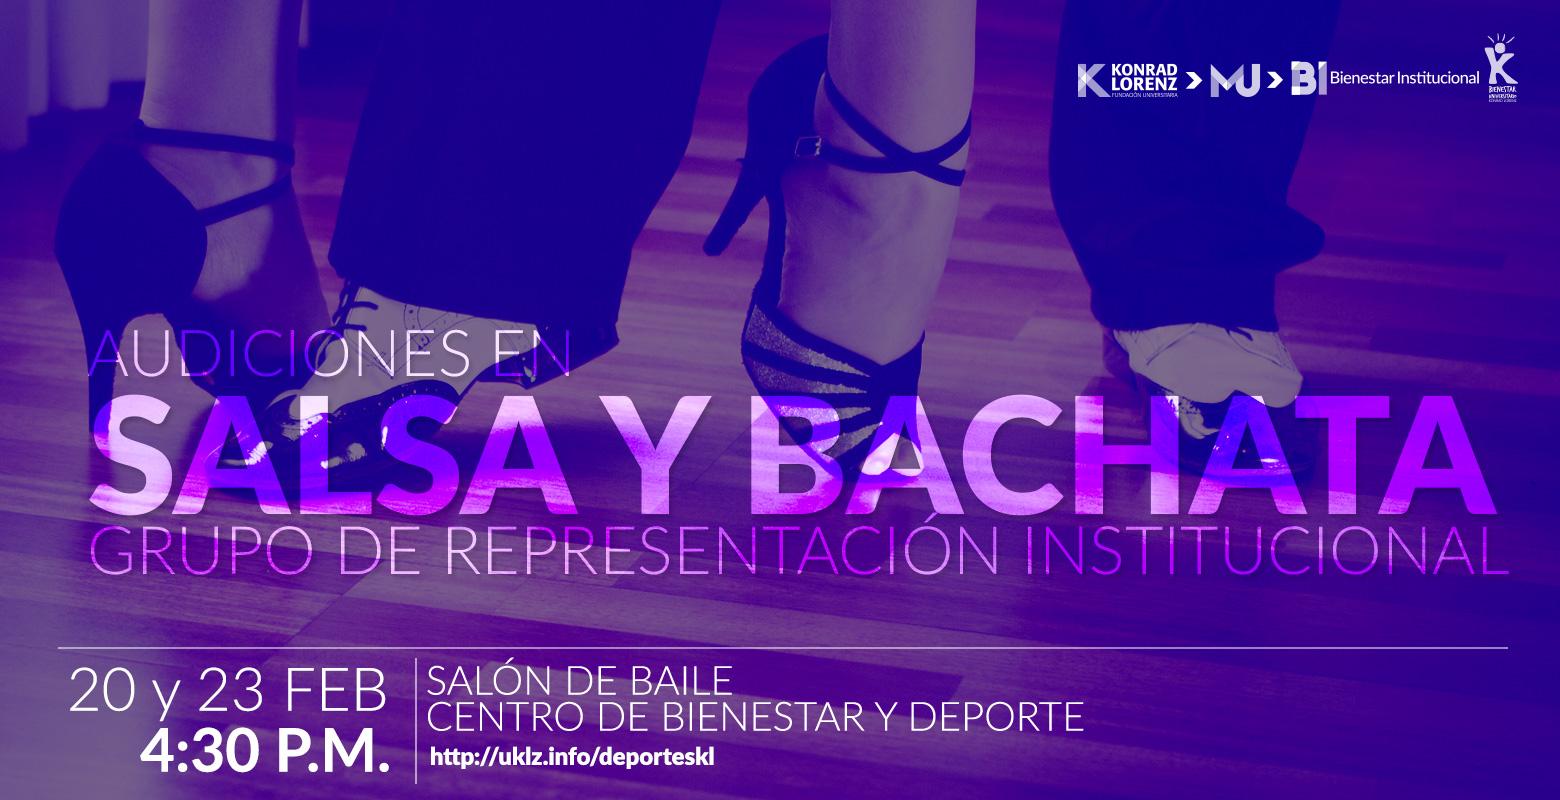 Audiciones en Salsa y Bachata